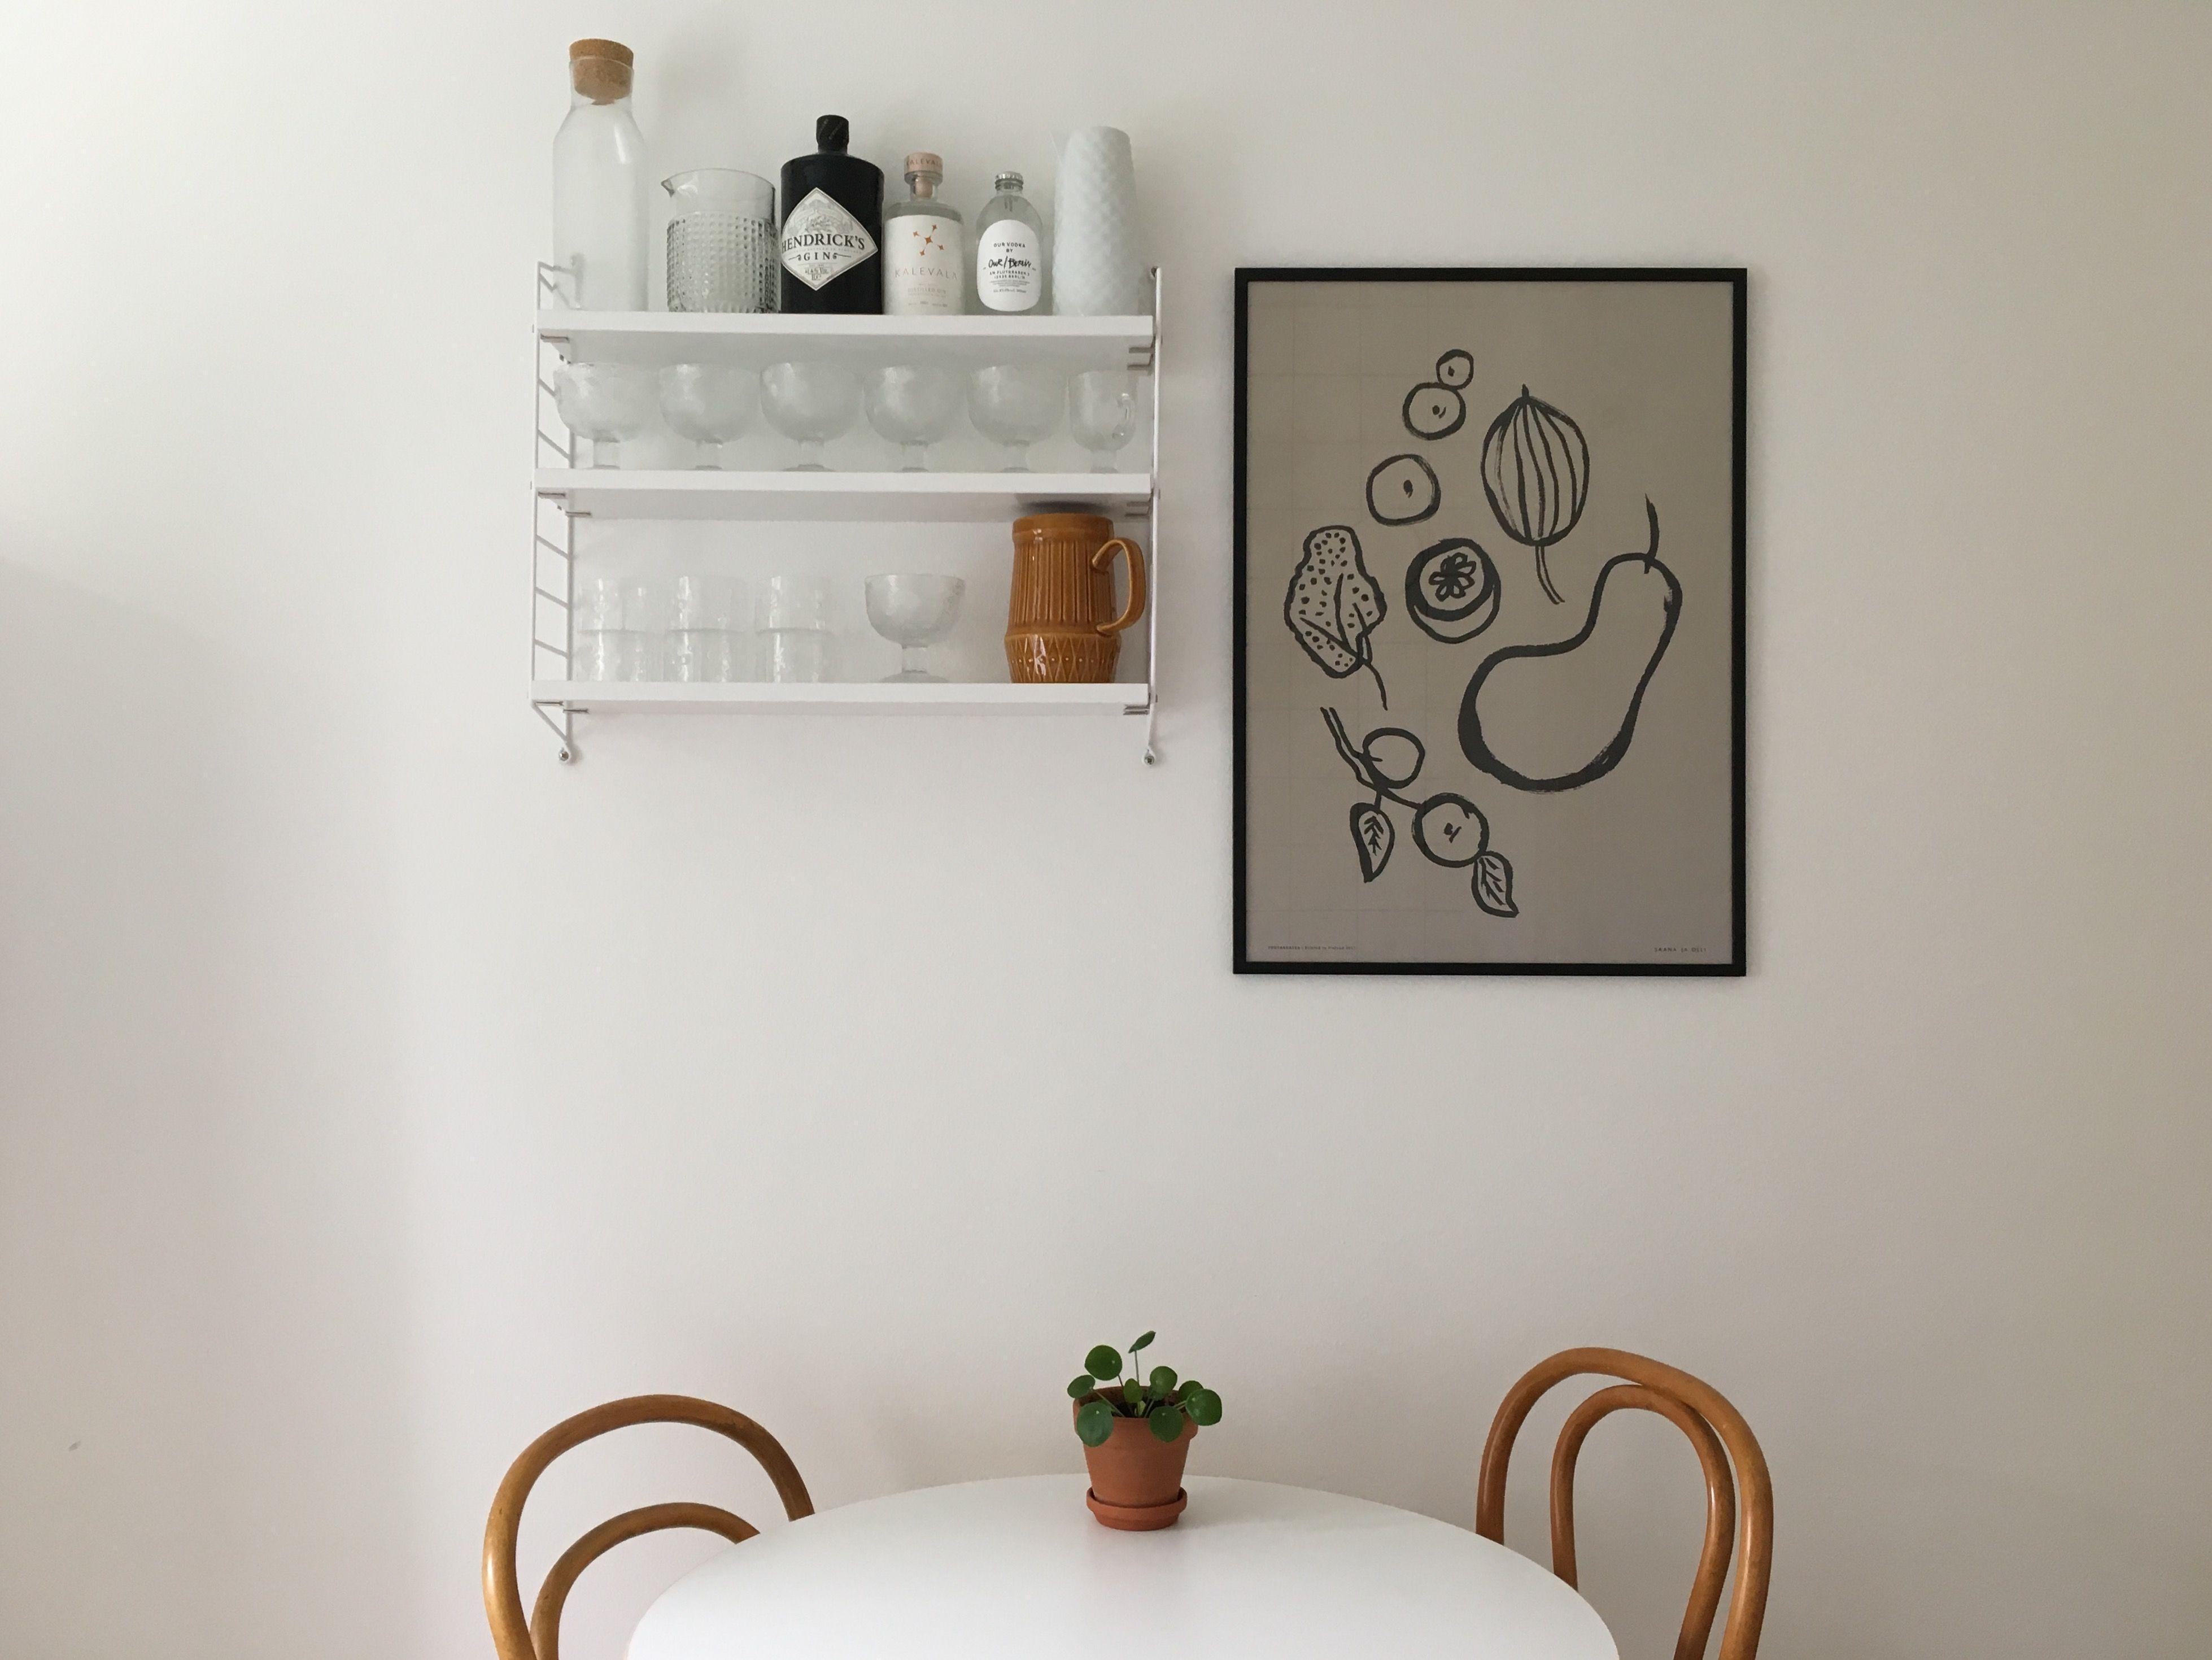 Saana Ja Olli : Saana ja olli poster at my kitchen oma koti